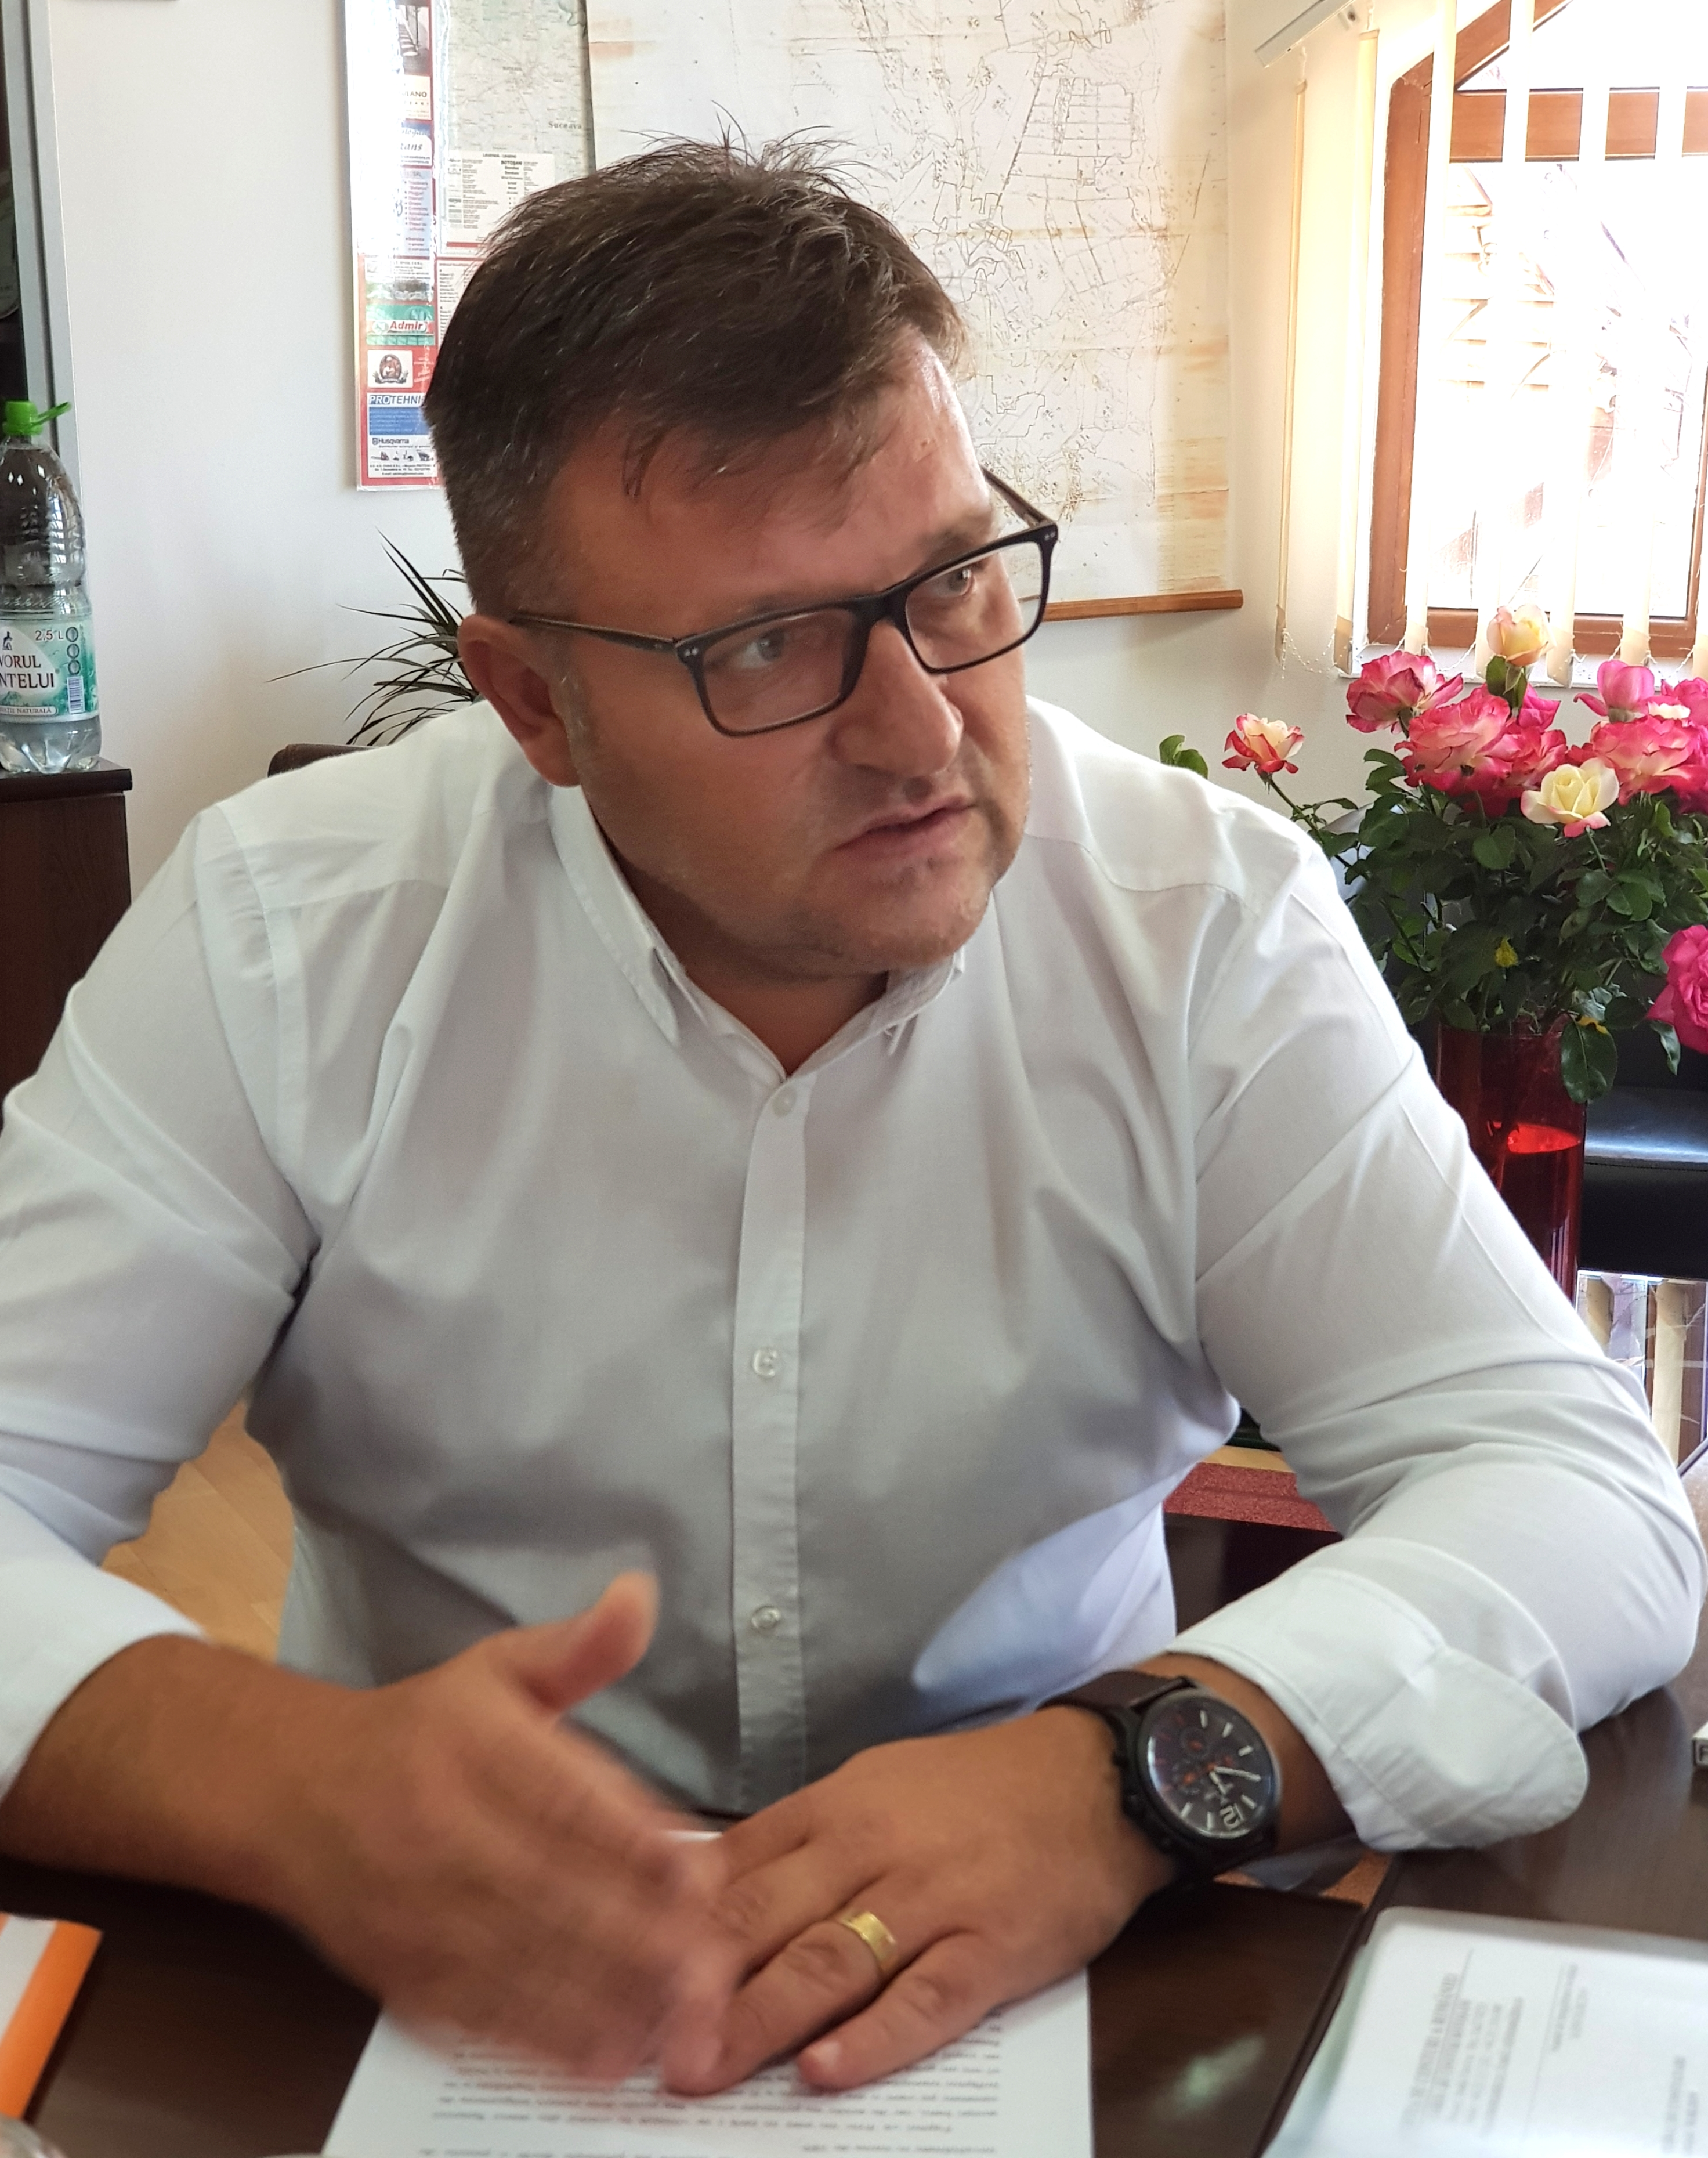 """Marius Budăi: """"Domnule Președinte Iohannis, în timp ce dumneavoastră ne numărați miniștrii, noi suntem mai modești și numărăm creșterile de pensii, de salarii, zecile de mii de km asfaltați, miile de localități care au primit apă și canal"""""""